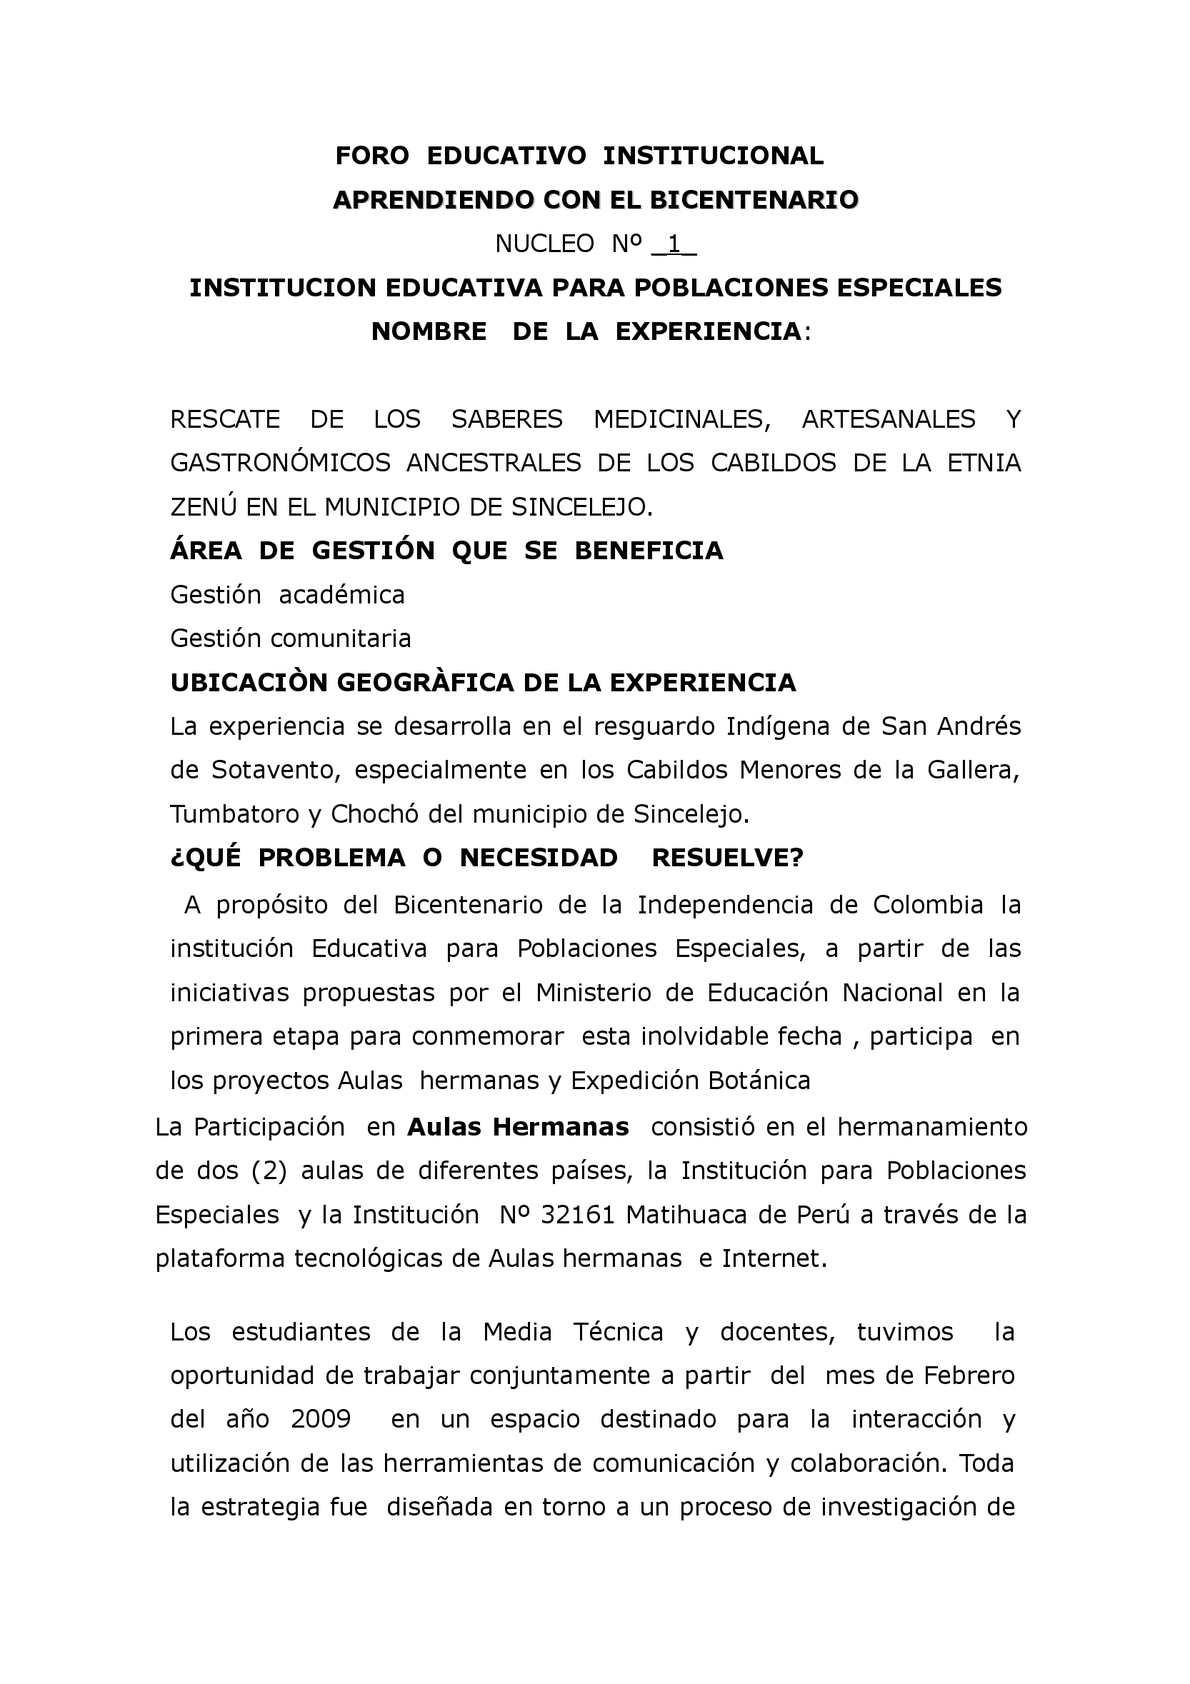 RESCATE DE LOS SABERES MEDICINALES, ARTESANALES Y GASTRONÓMICOS ANCESTRALES DE LOS CABILDOS DE LA ETNIA ZENÚ EN EL MUNICIPIO DE SINCELEJO.